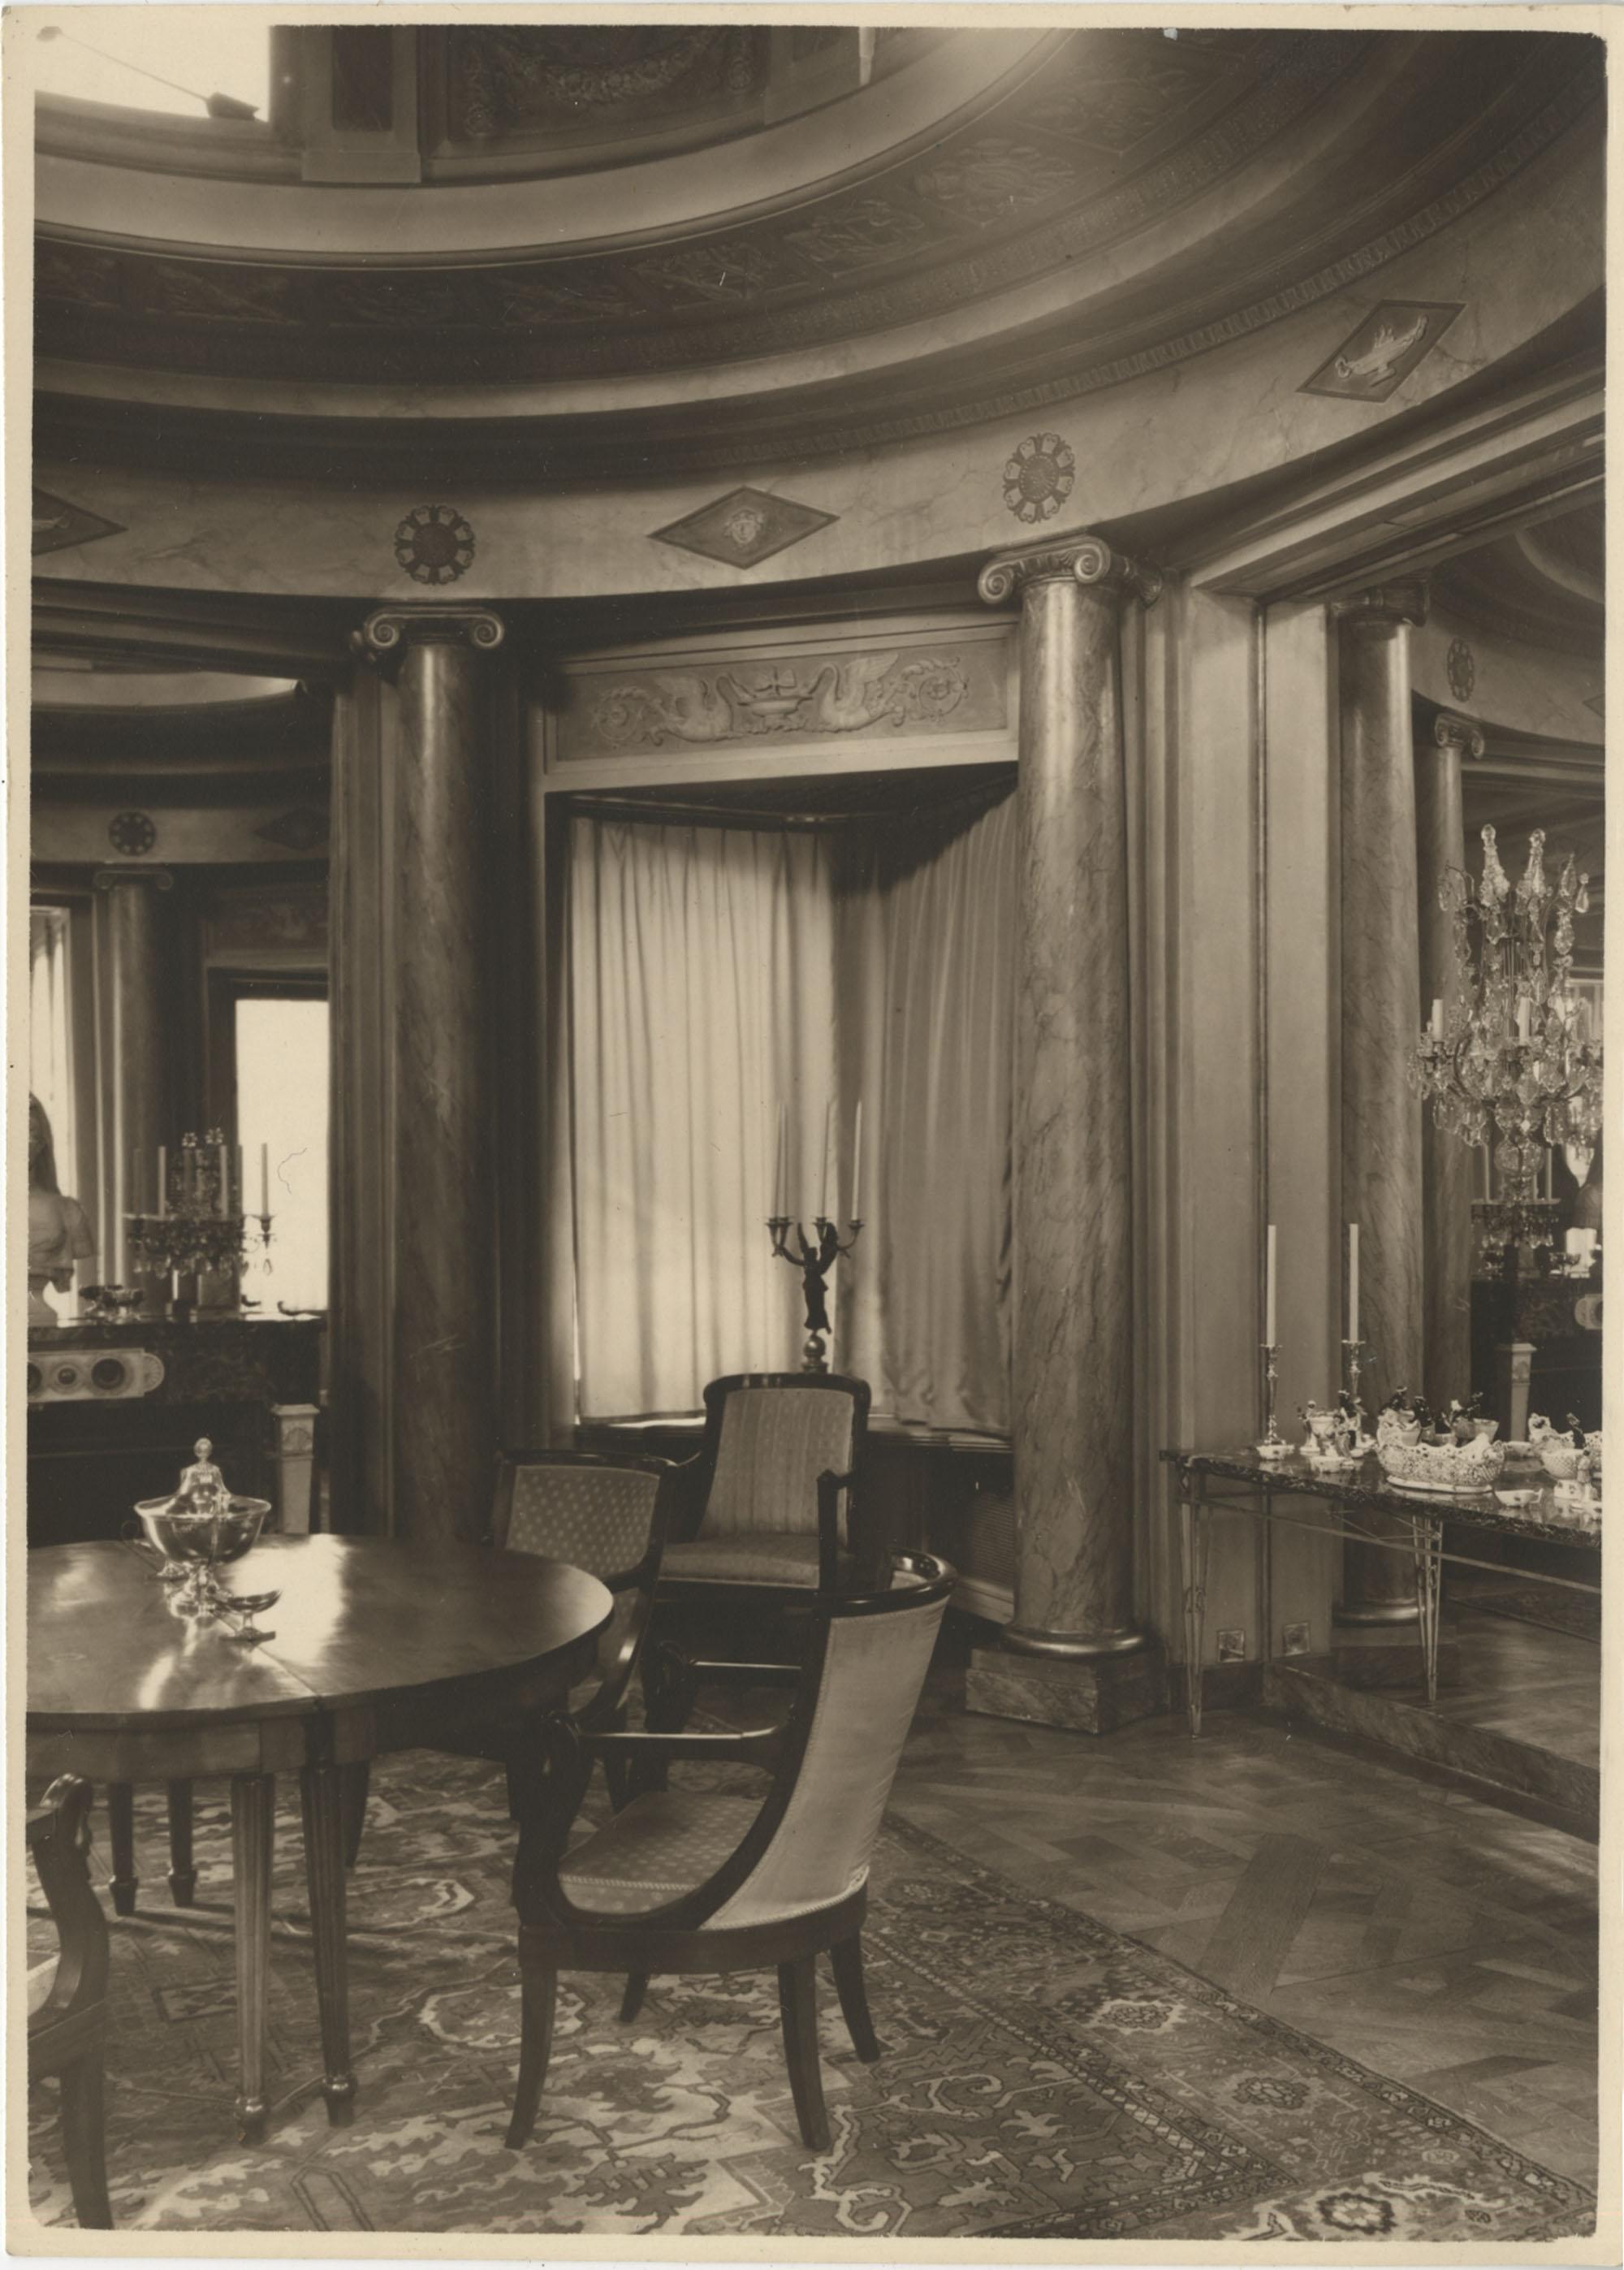 Dining room in the Royal Italian Consul in Sri Lanka